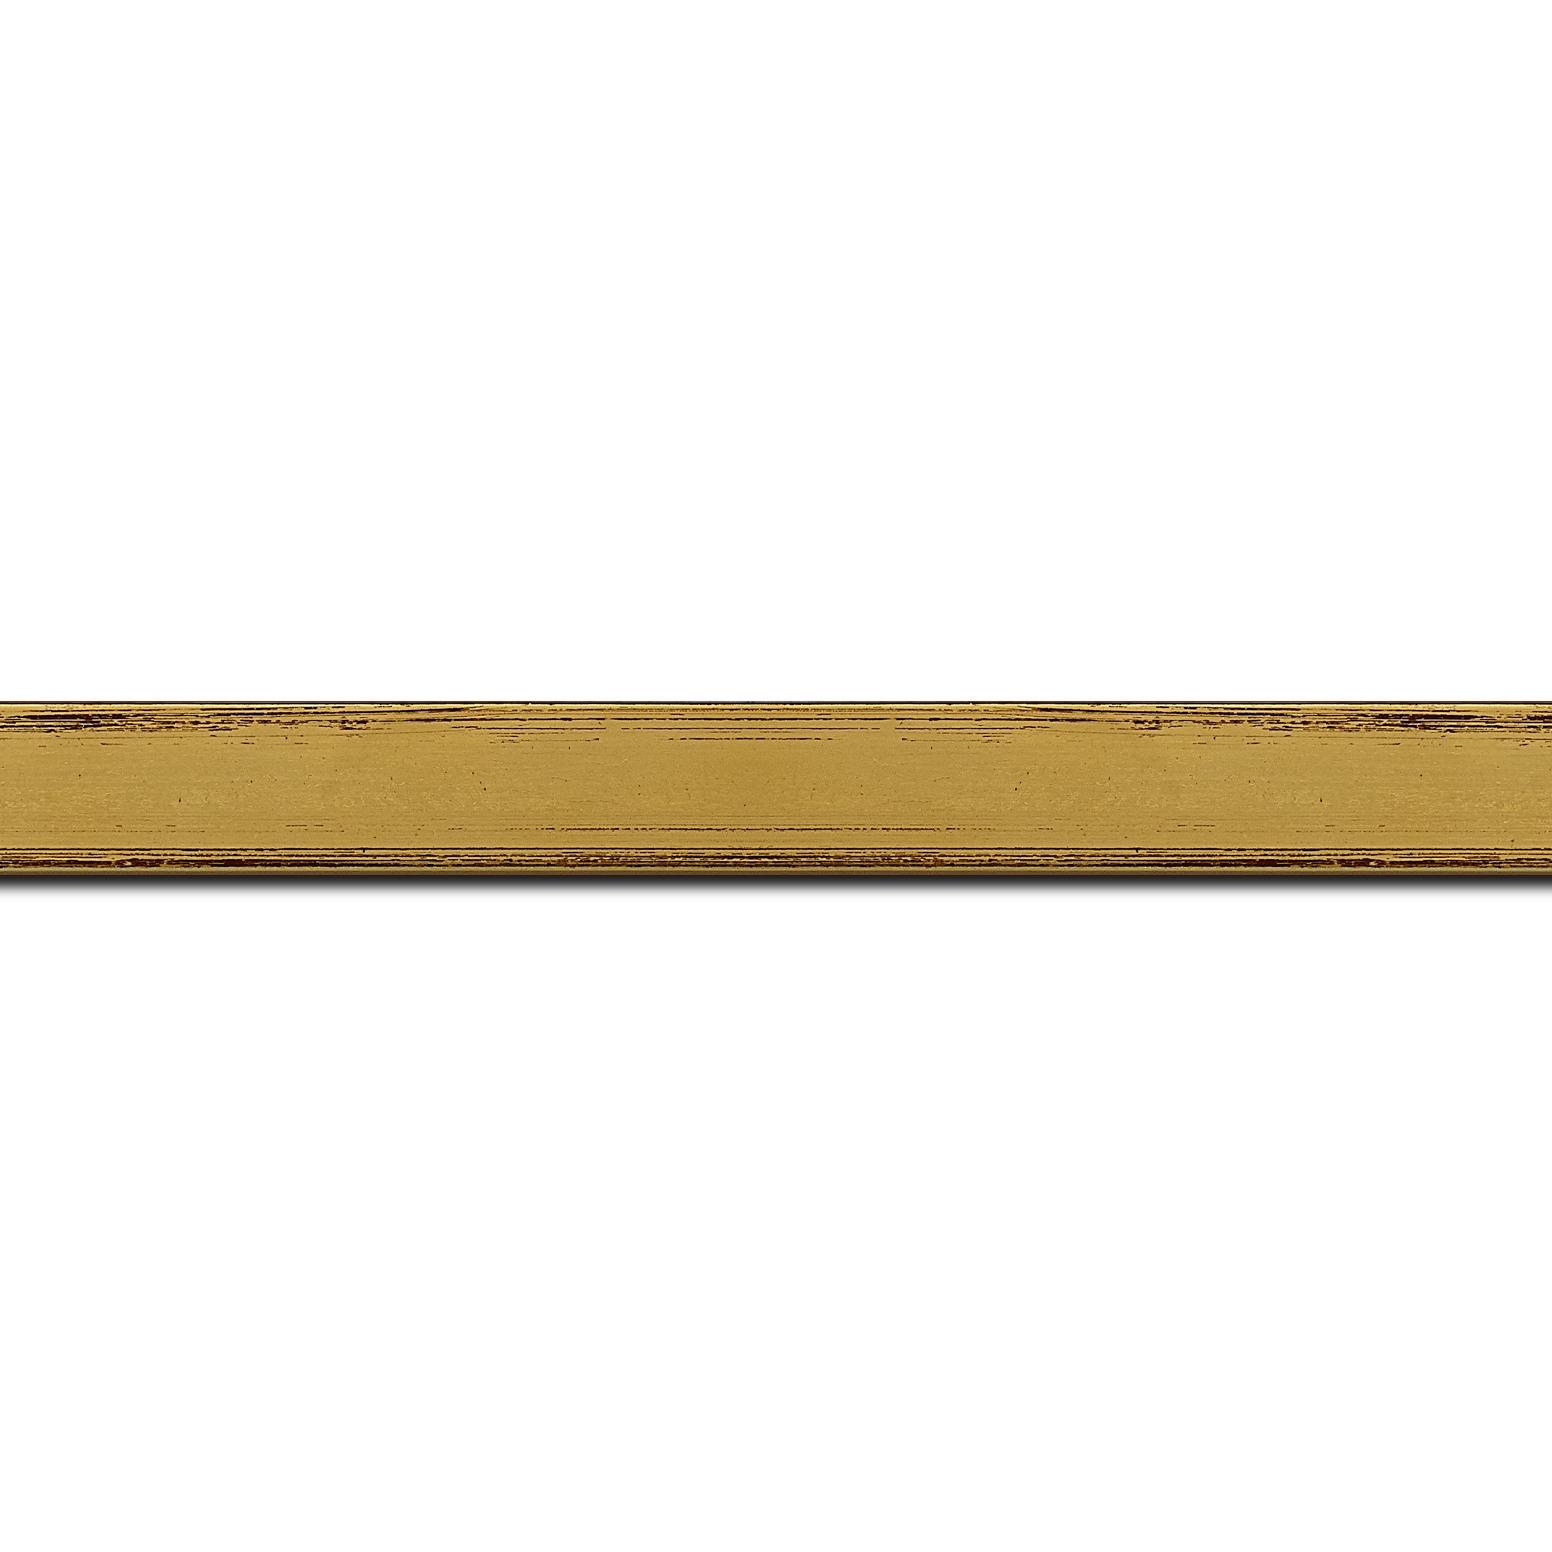 Pack par 12m, bois profil plat largeur 2.1cm hauteur 3.8cm couleur or coté extérieur foncé. finition haut de gamme car dorure à l'eau fait main (longueur baguette pouvant varier entre 2.40m et 3m selon arrivage des bois)